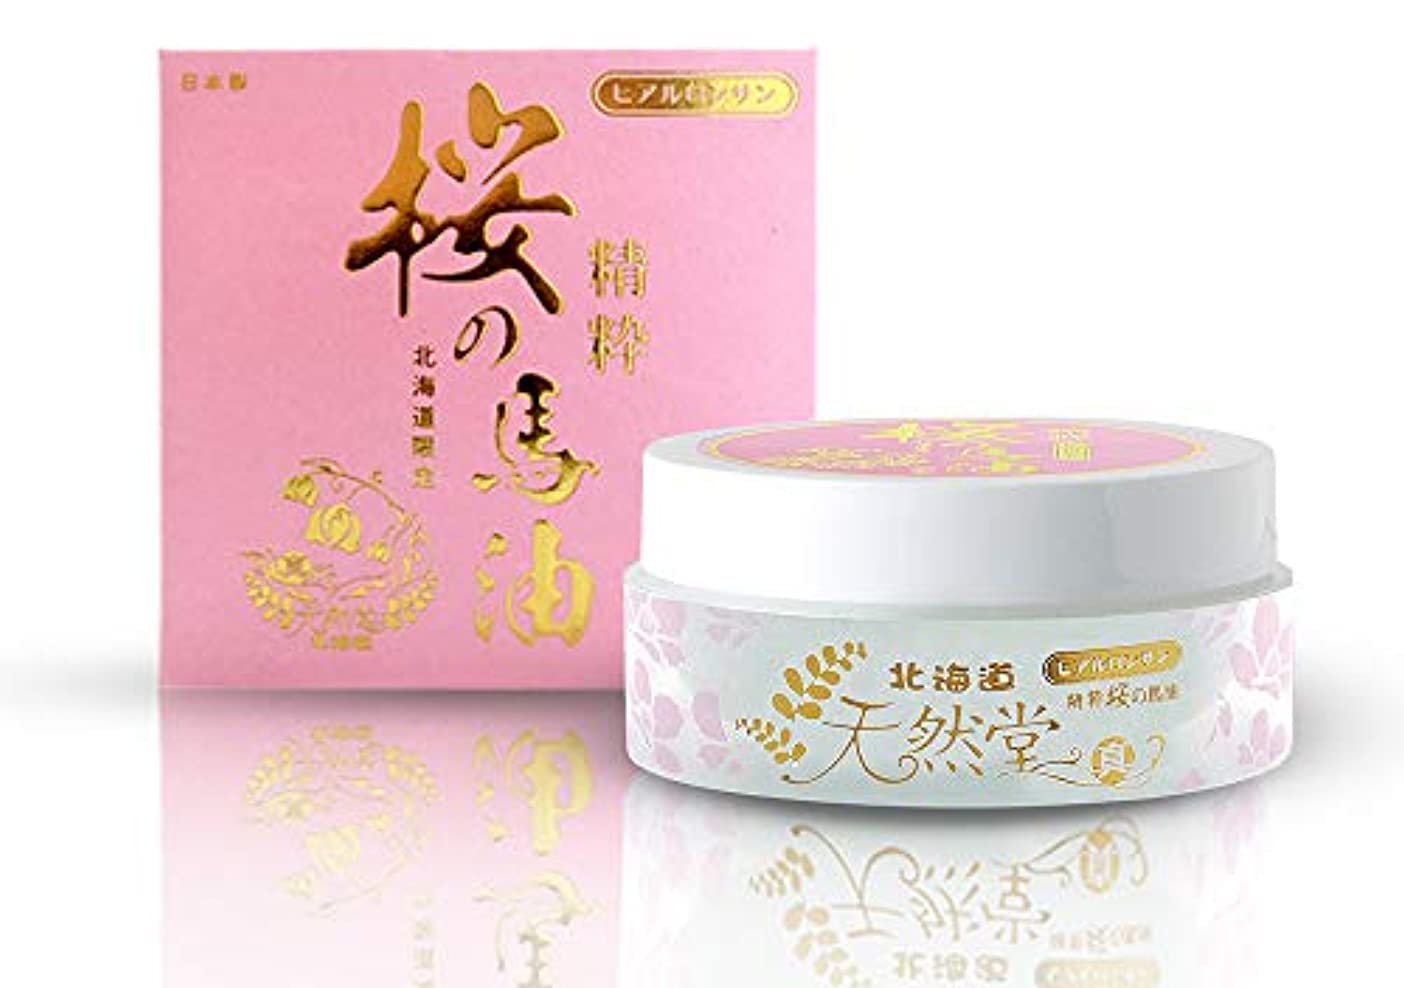 協力的つづりジャニス精粋桜の馬油クリーム 80g / 北海道天然堂